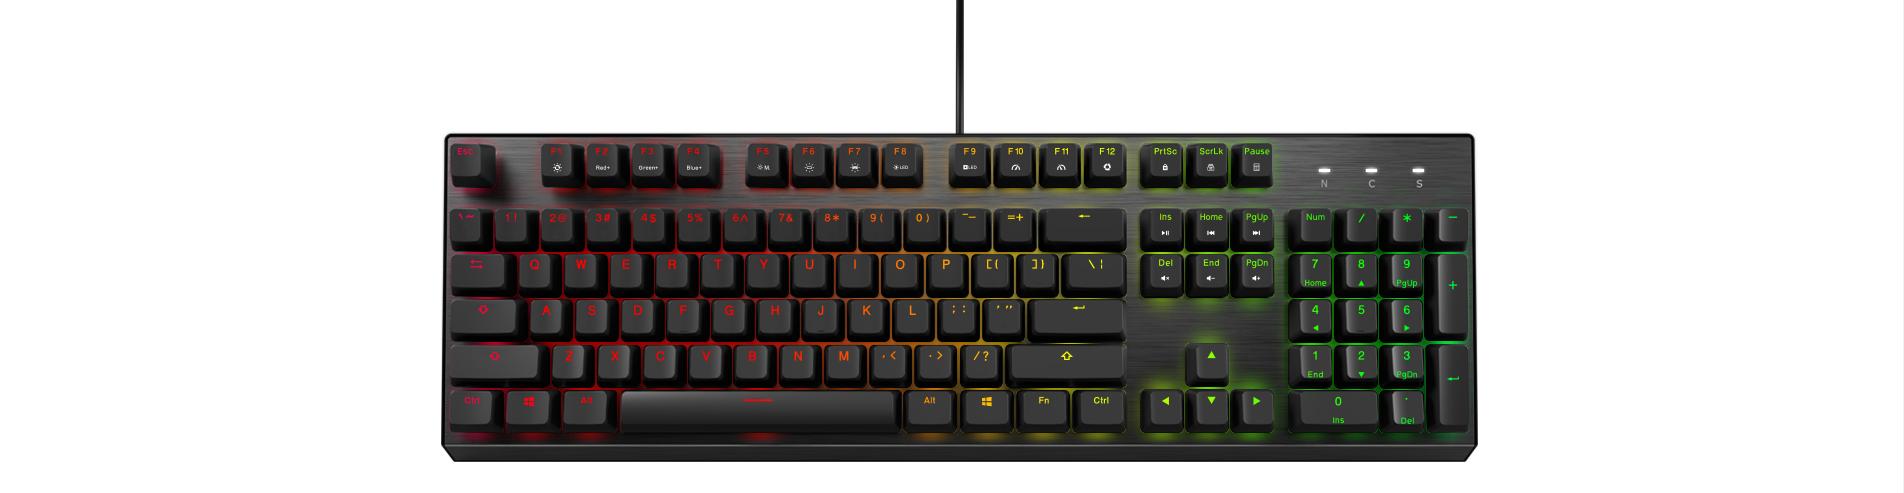 Bàn phím cơ Cooler Master CK350 (USB/RGB/Red switch) trang bị led rgb 16.8 triệu màu